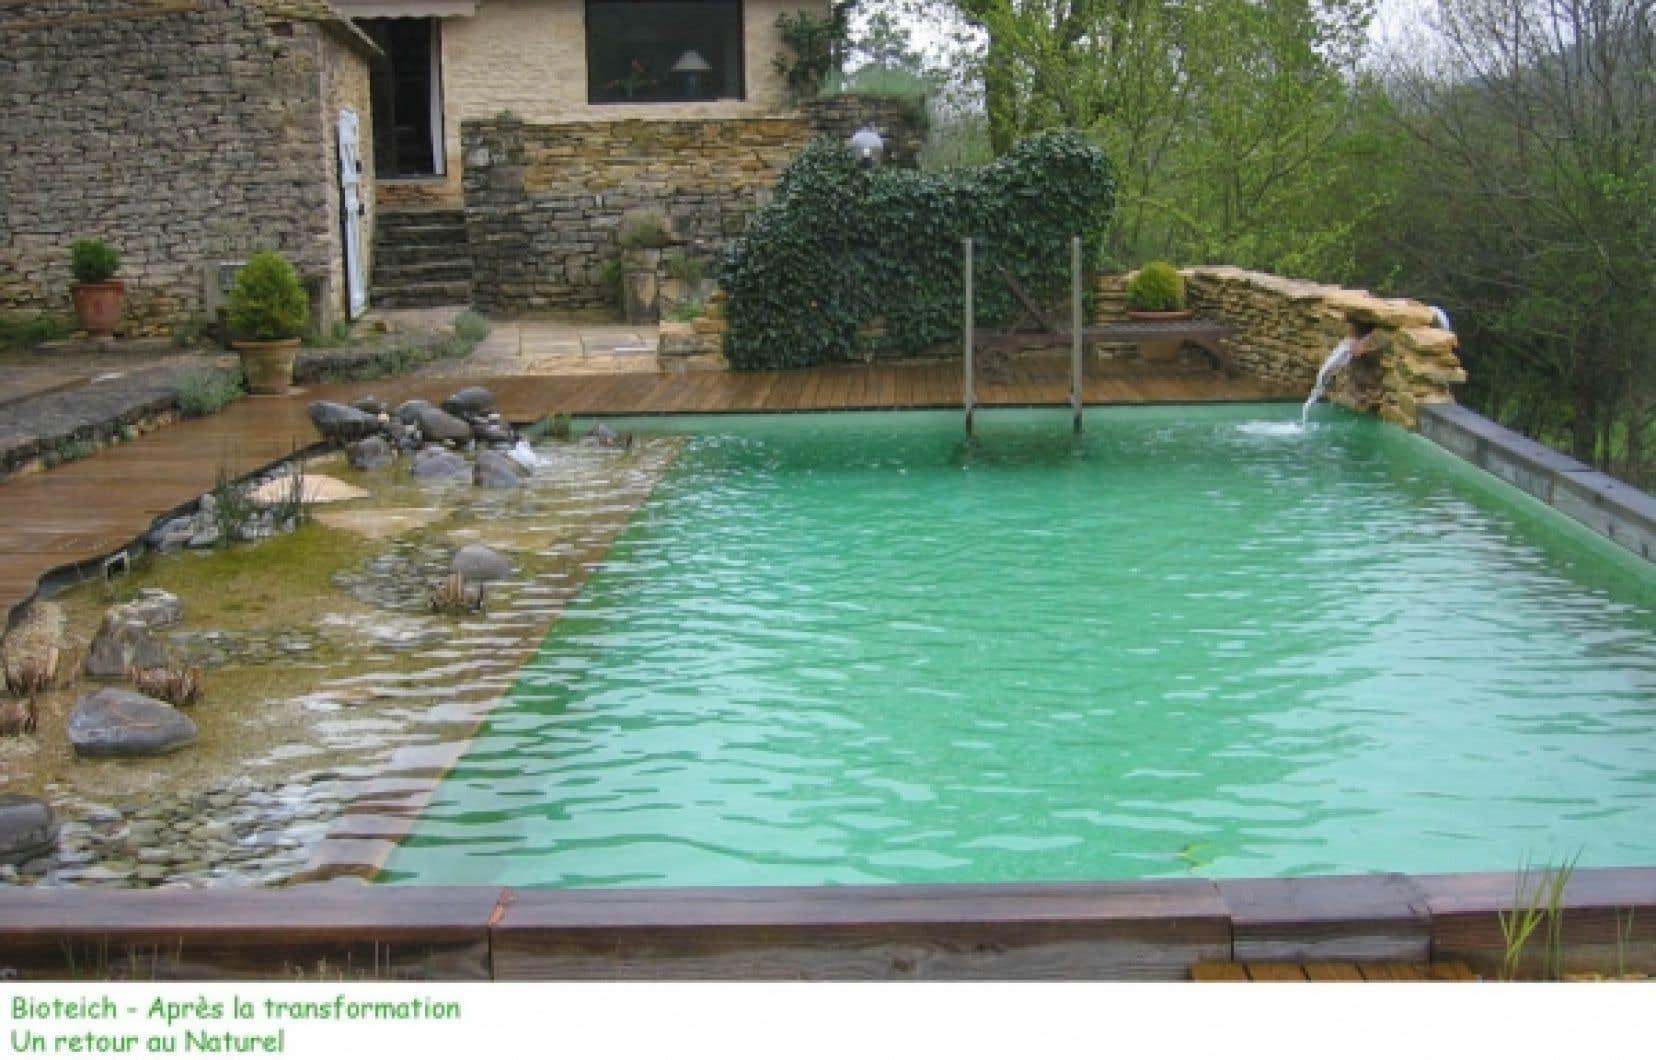 Prix piscine naturelle bioteich for Prix d une piscine naturelle